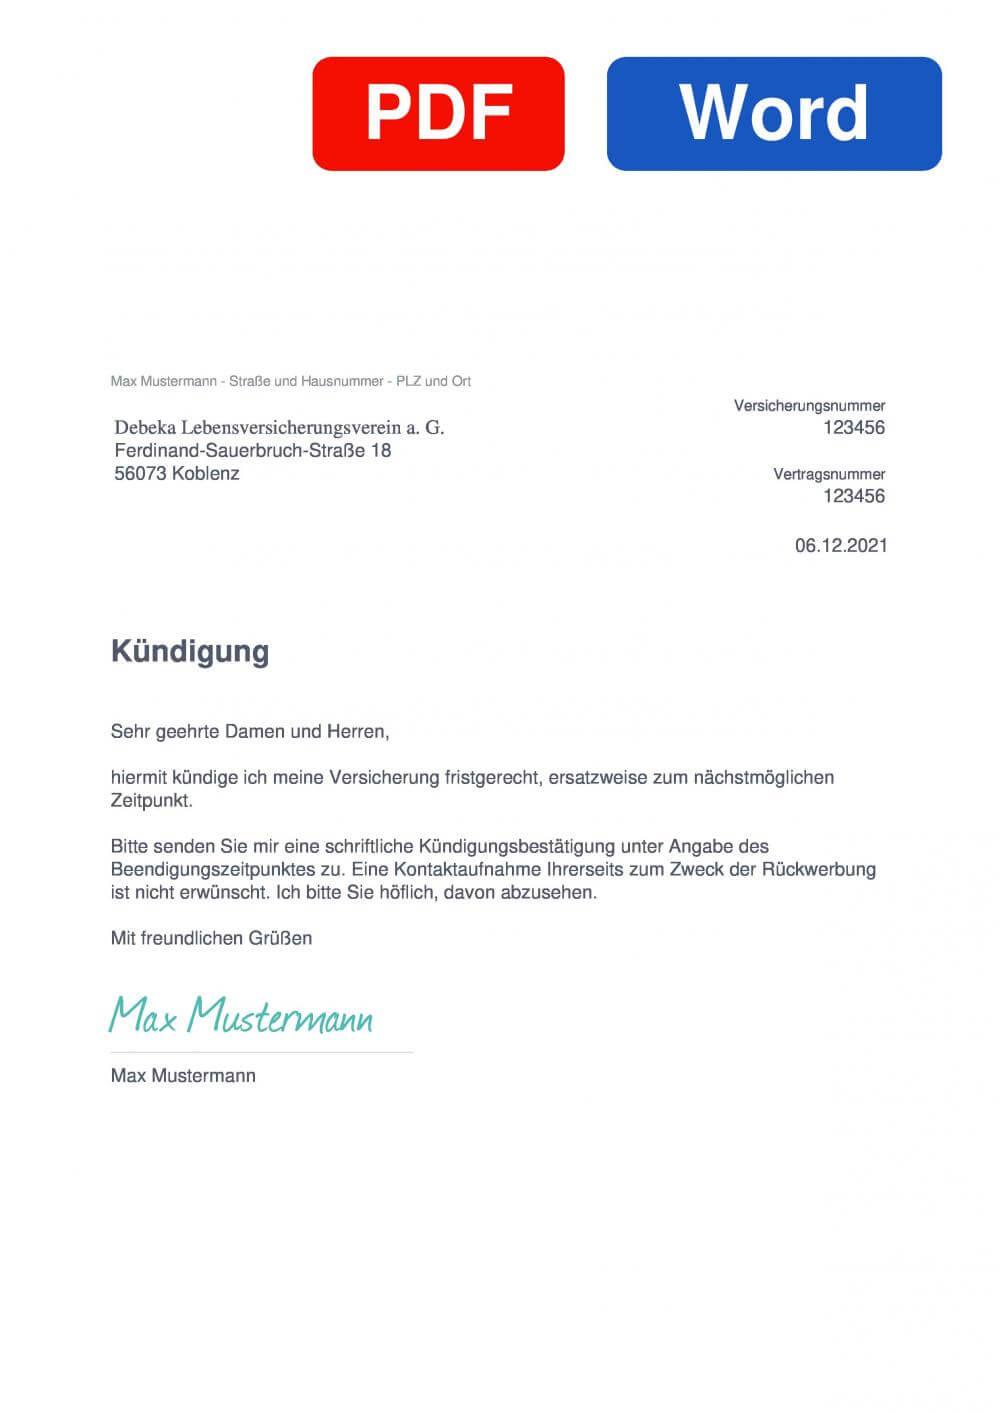 Debeka Direktversicherung Muster Vorlage für Kündigungsschreiben